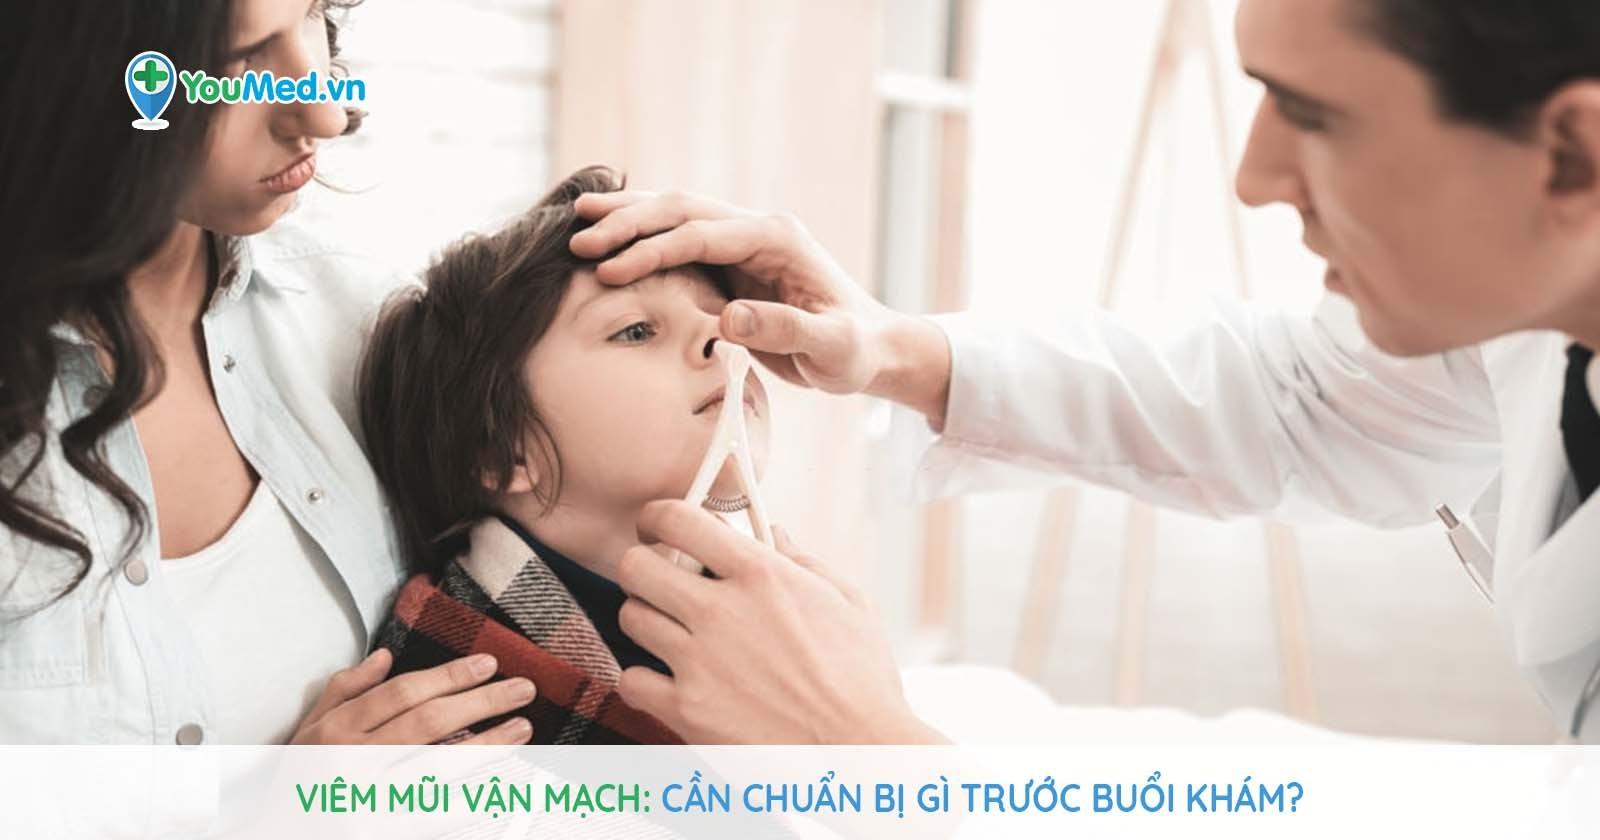 Viêm mũi vận mạch - Cần chuẩn bị gì trước buổi khám